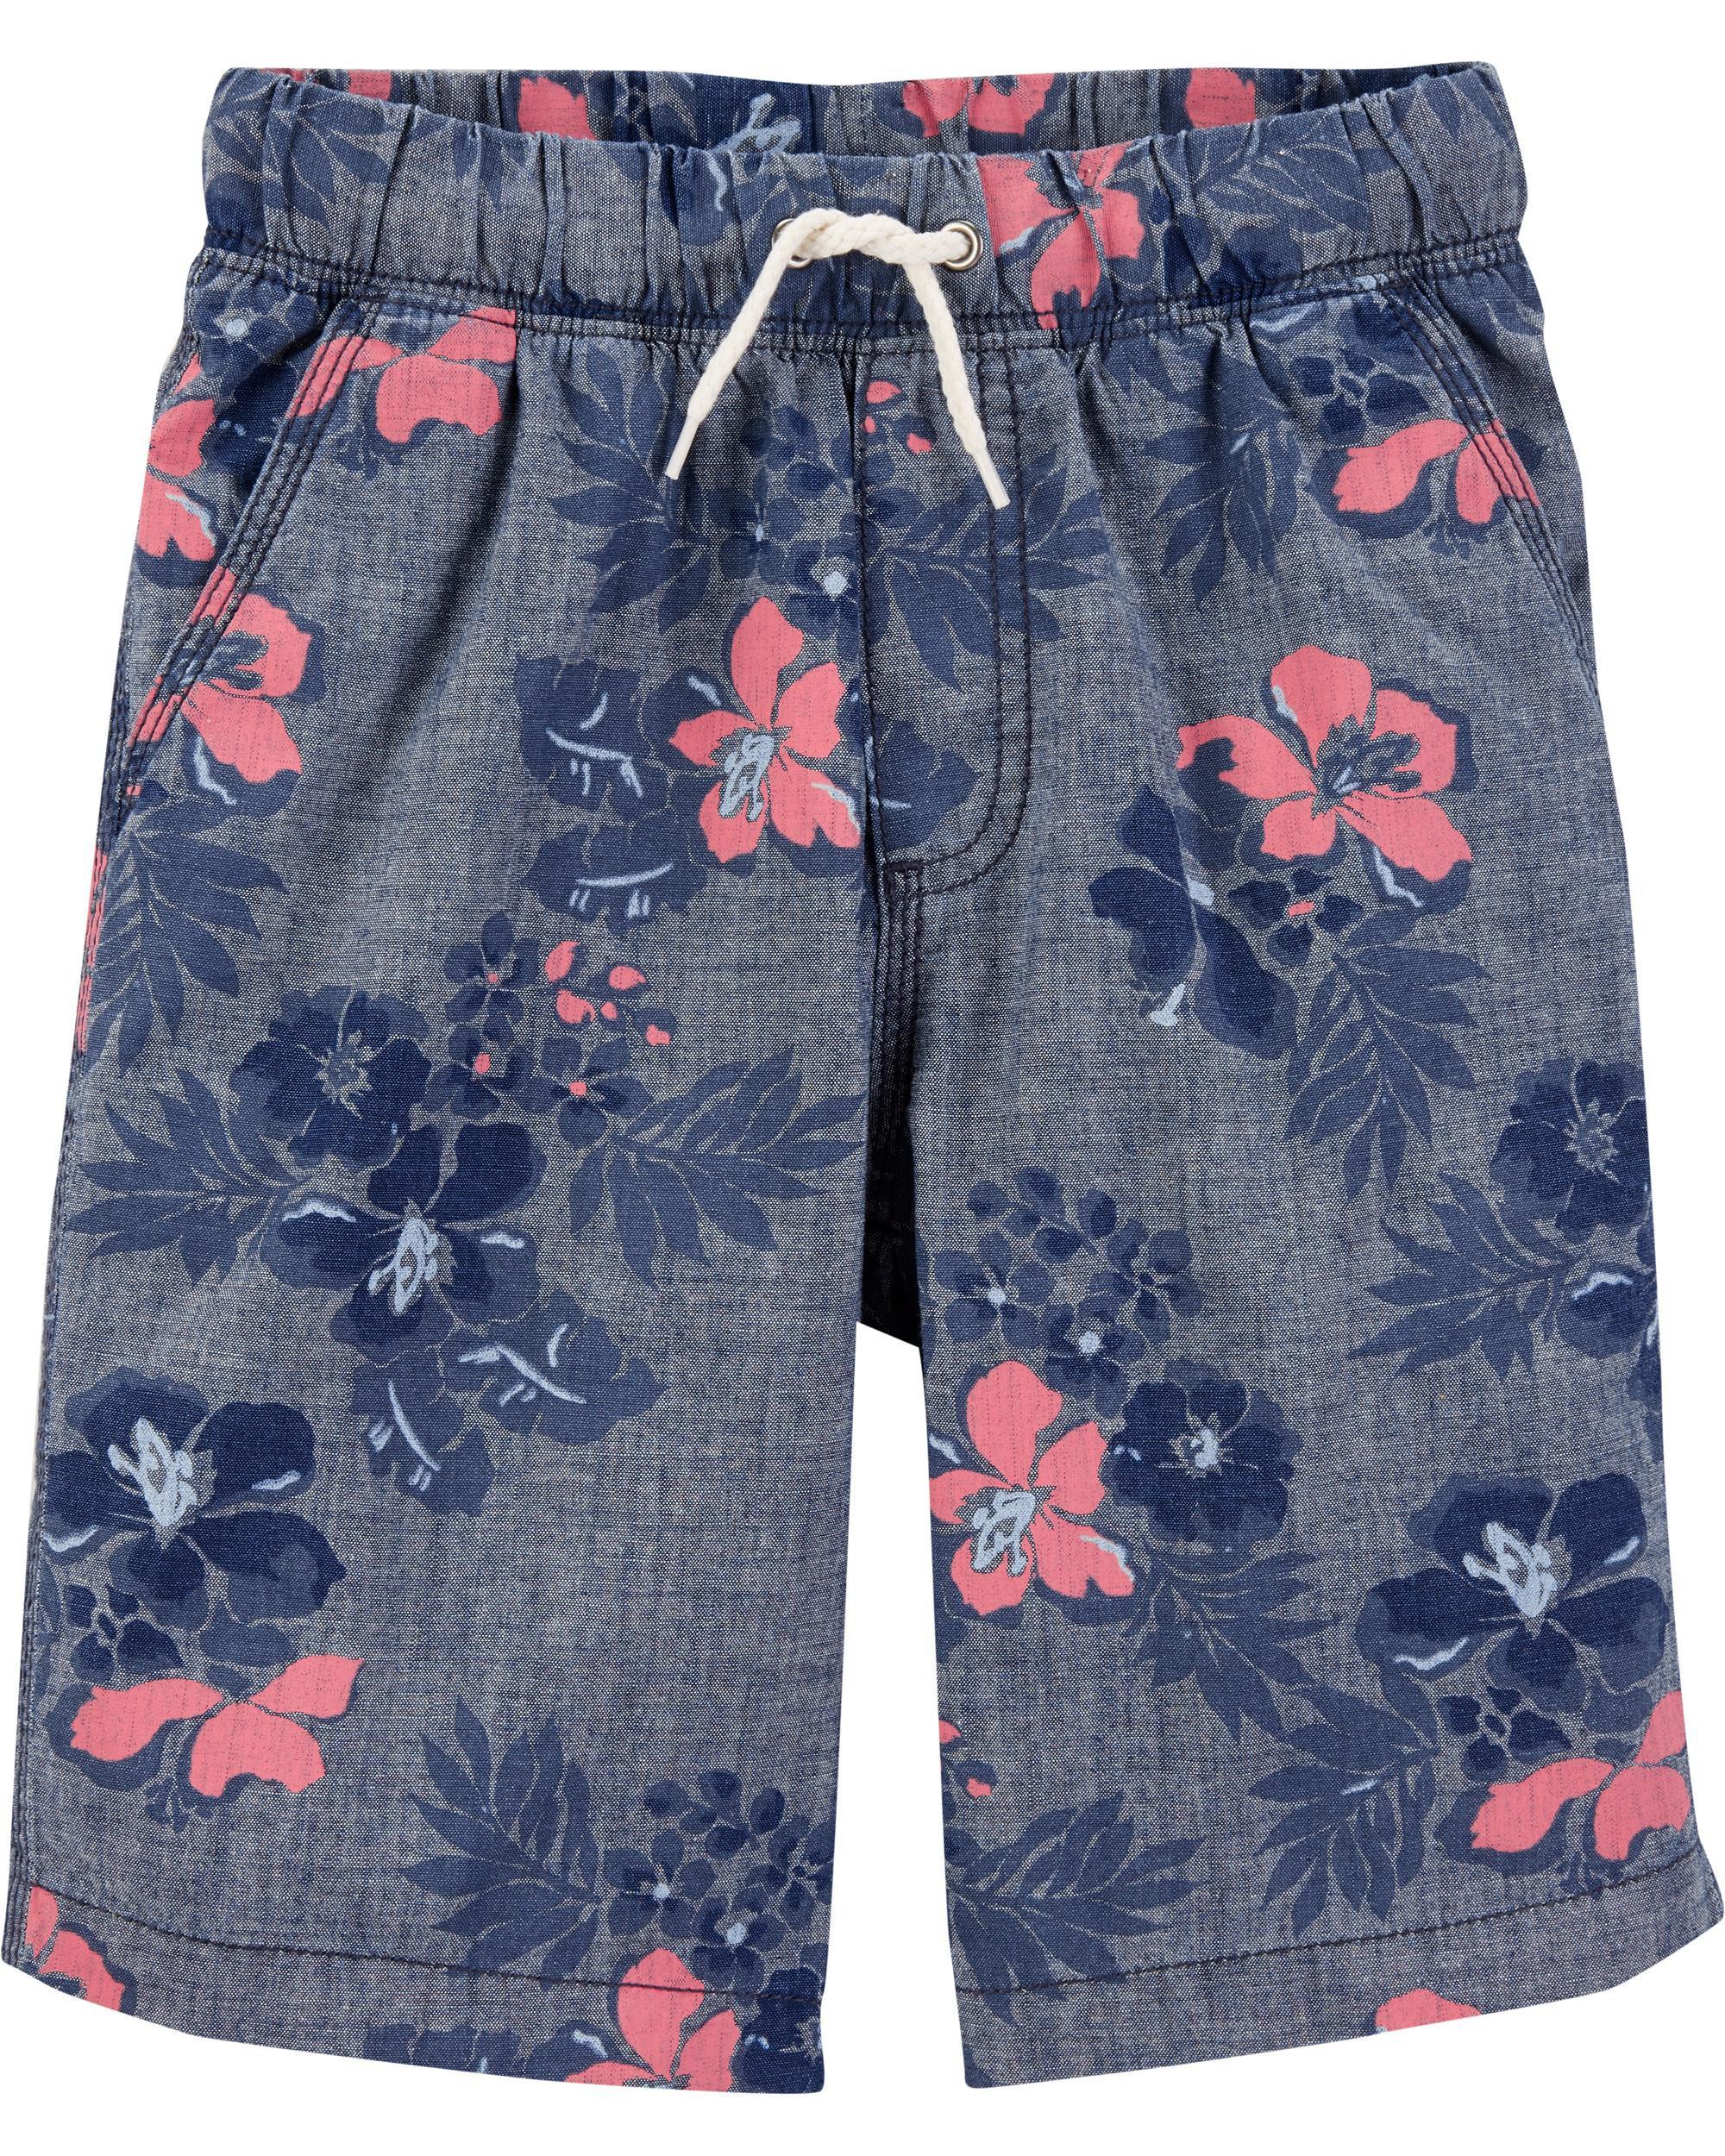 2-Toddler OshKosh BGosh Little Girls Chambray Beach Shorts